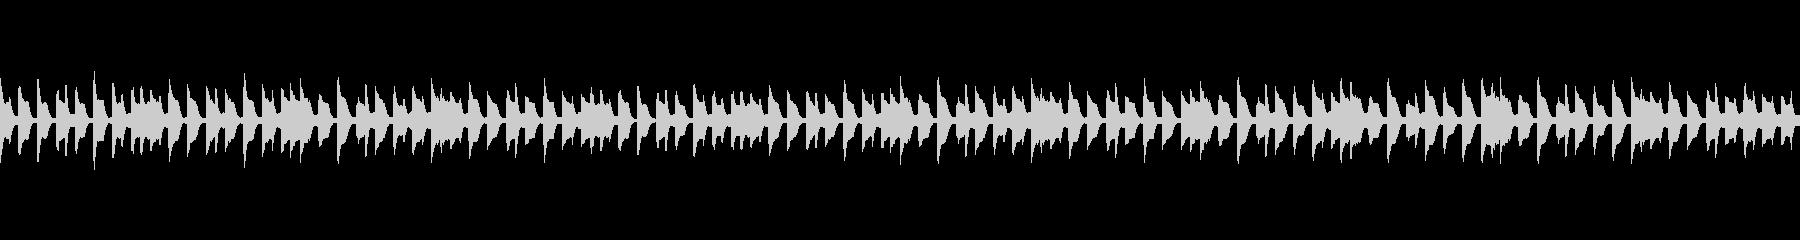 ほのぼのとした日常系ジングル3(ループ)の未再生の波形